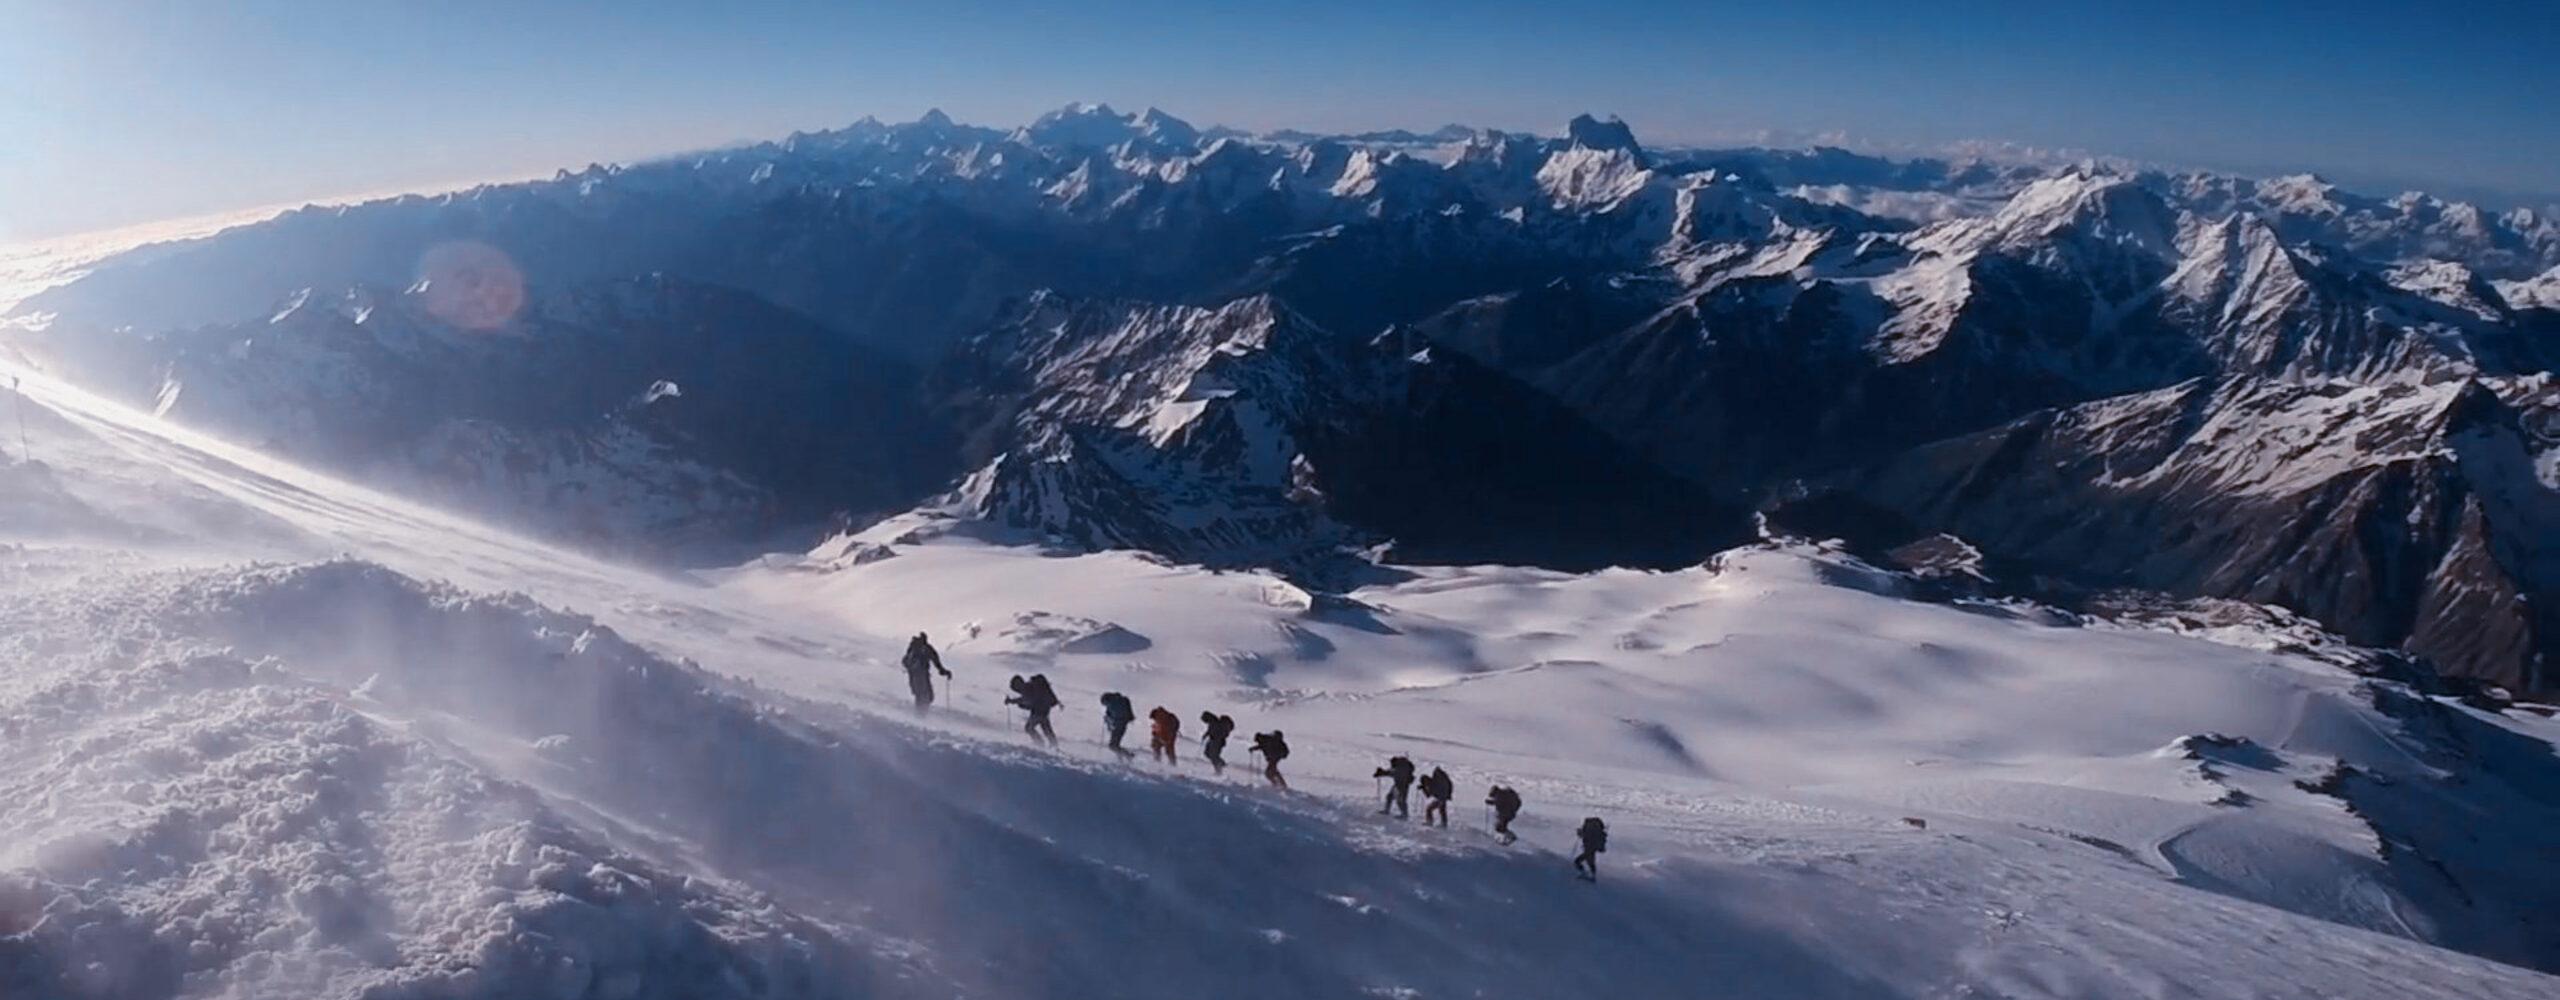 Штурм западной вершины Эльбруса.